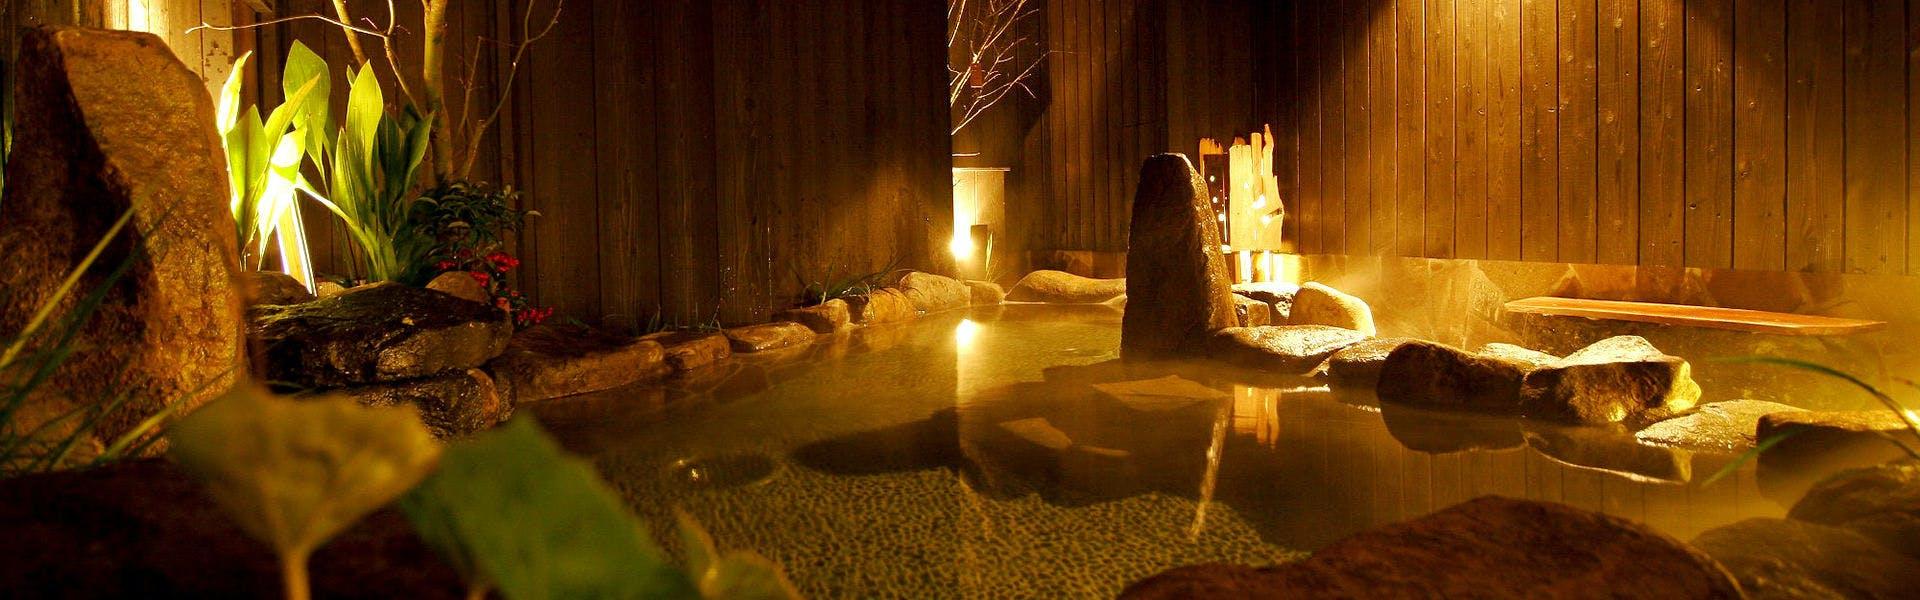 記念日におすすめのホテル・天然温泉 六花の湯 ドーミーイン熊本の写真3